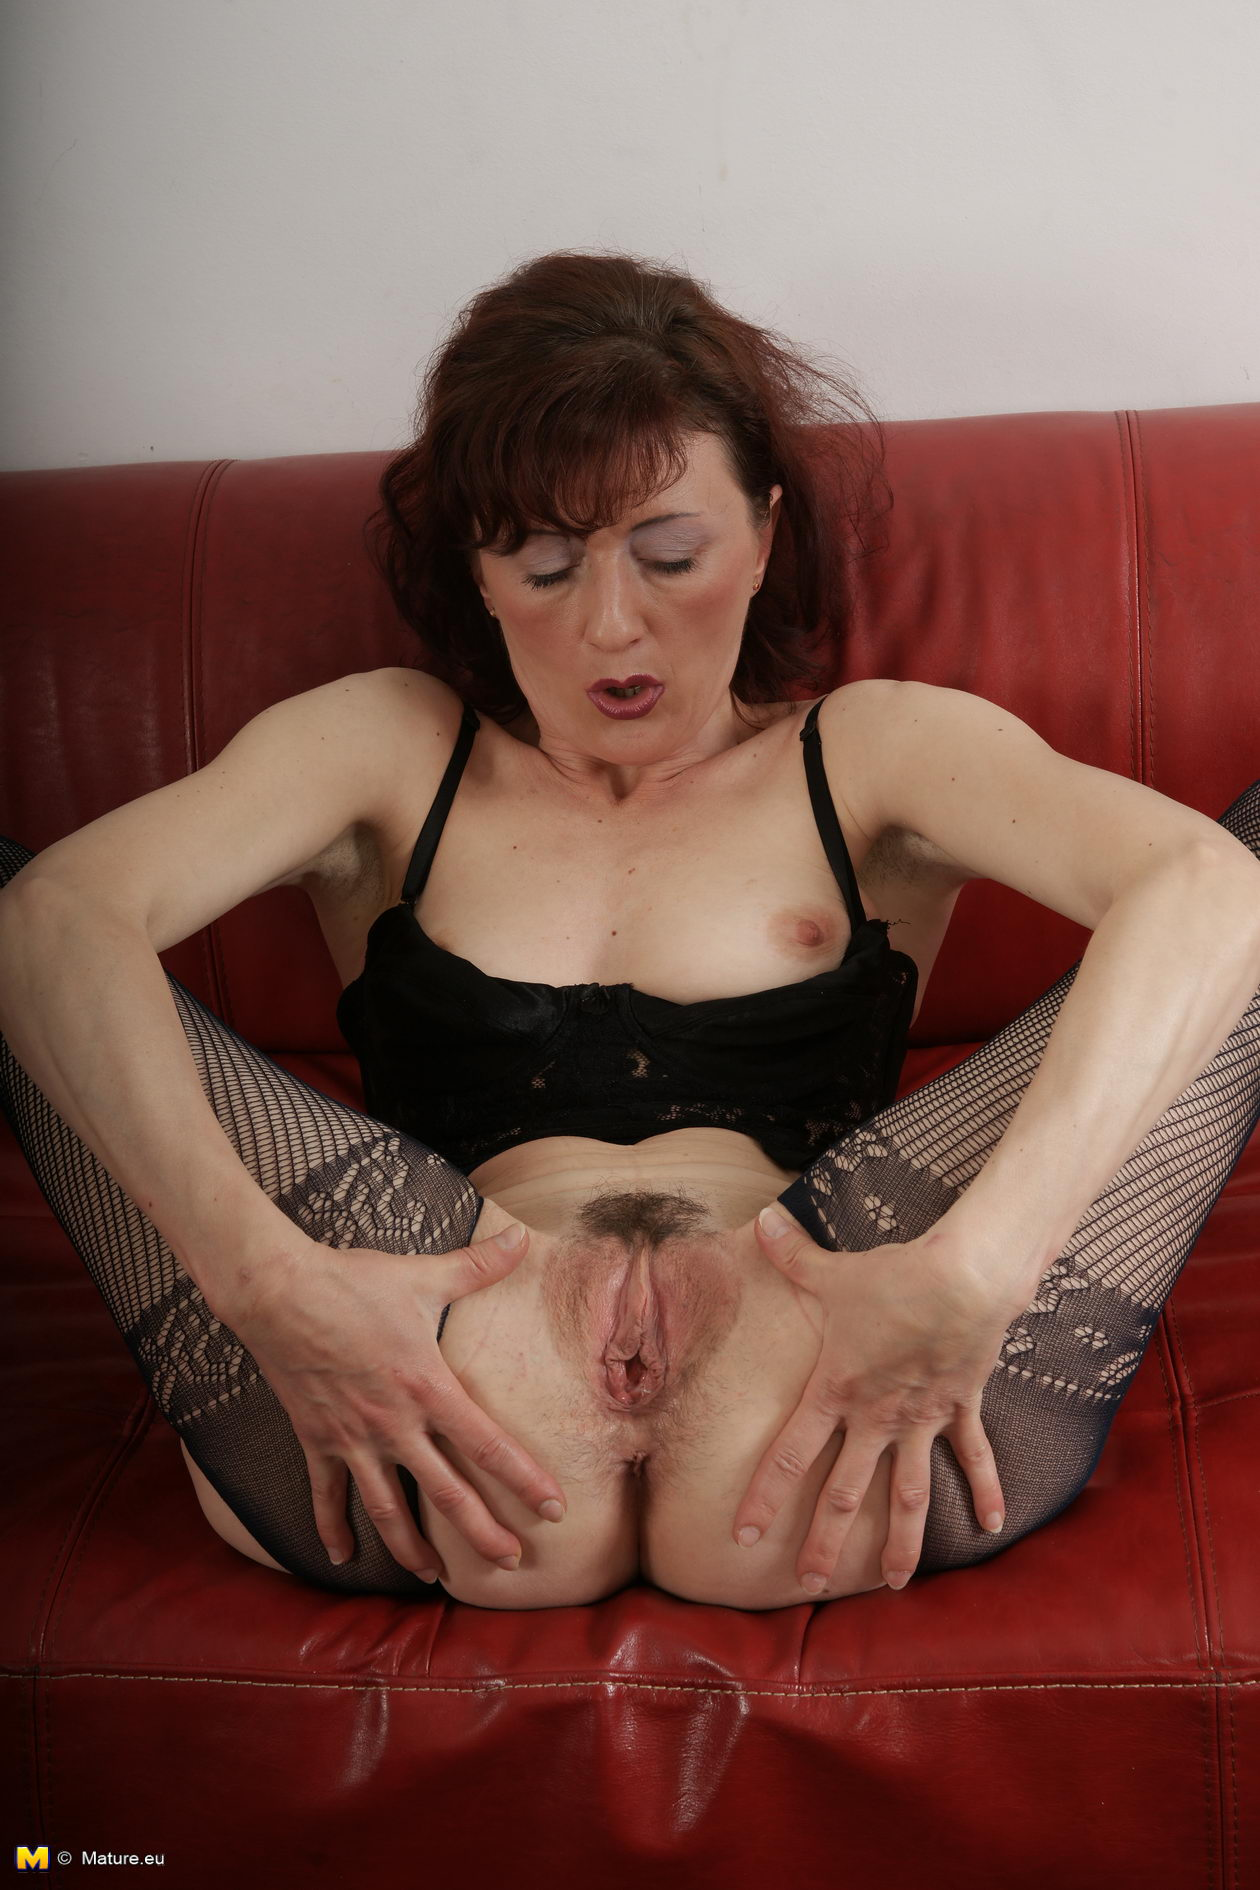 Wwe divas bella twins cum free videos watch download